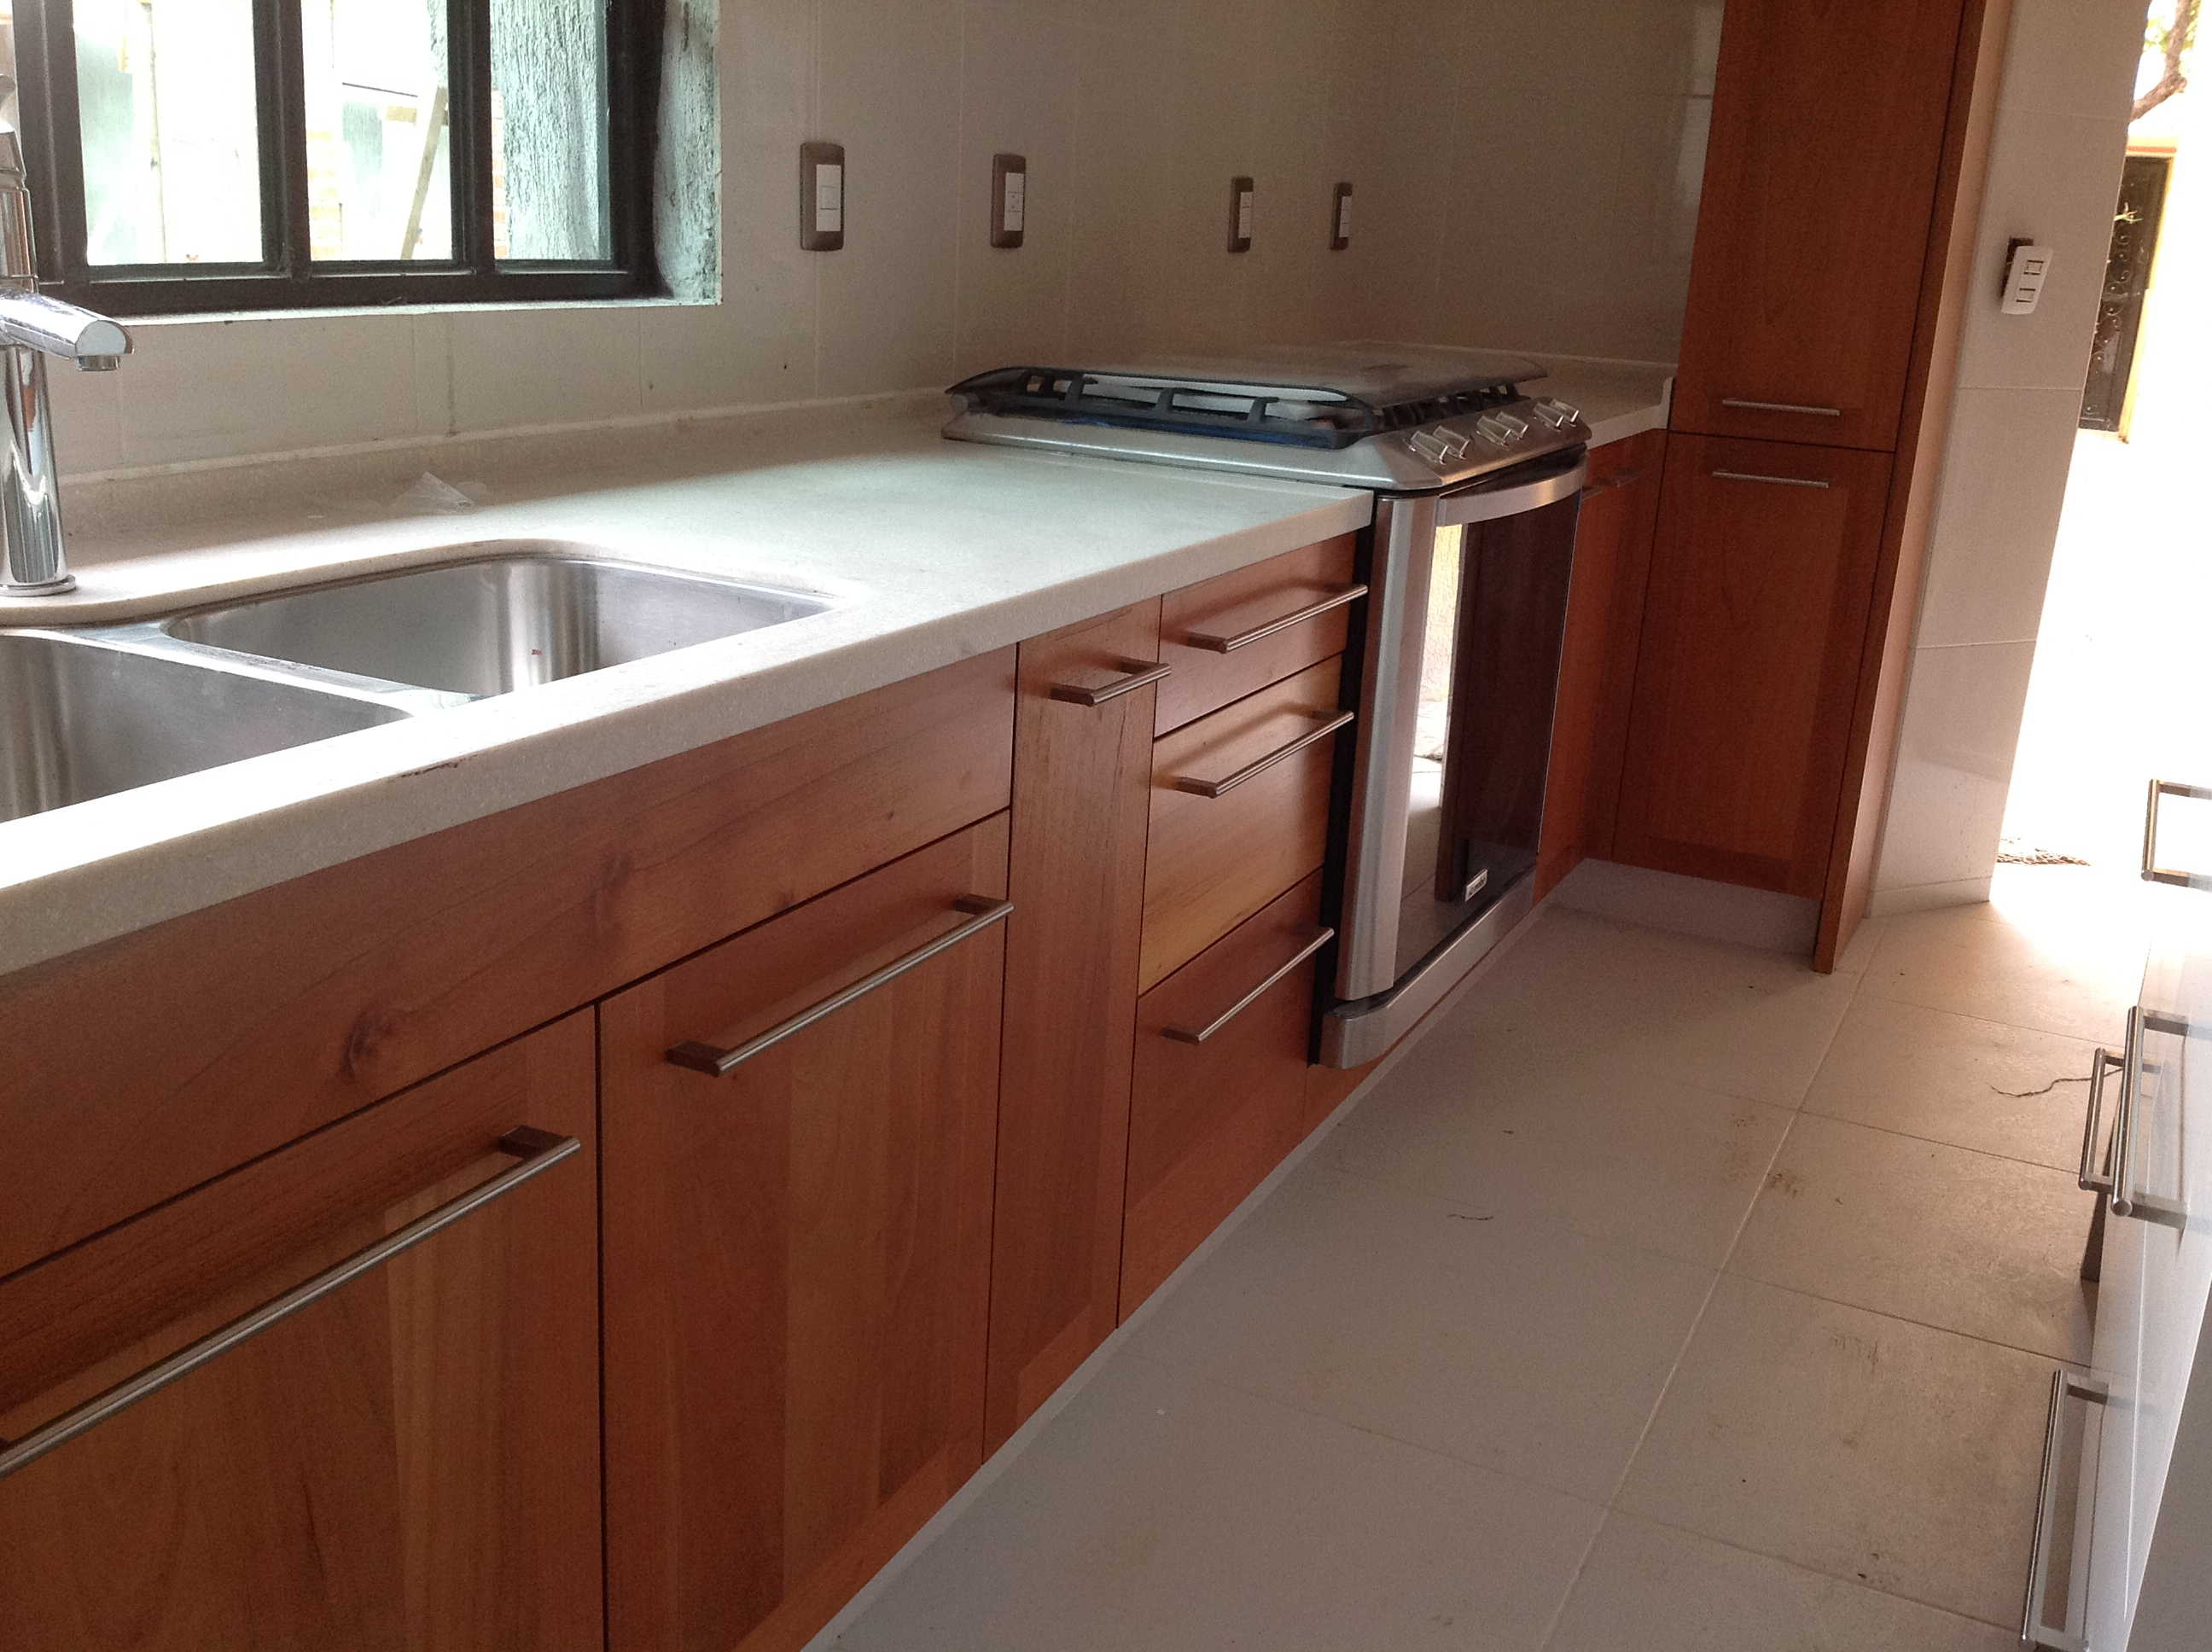 Madera yibel for Cocinas modernas color madera